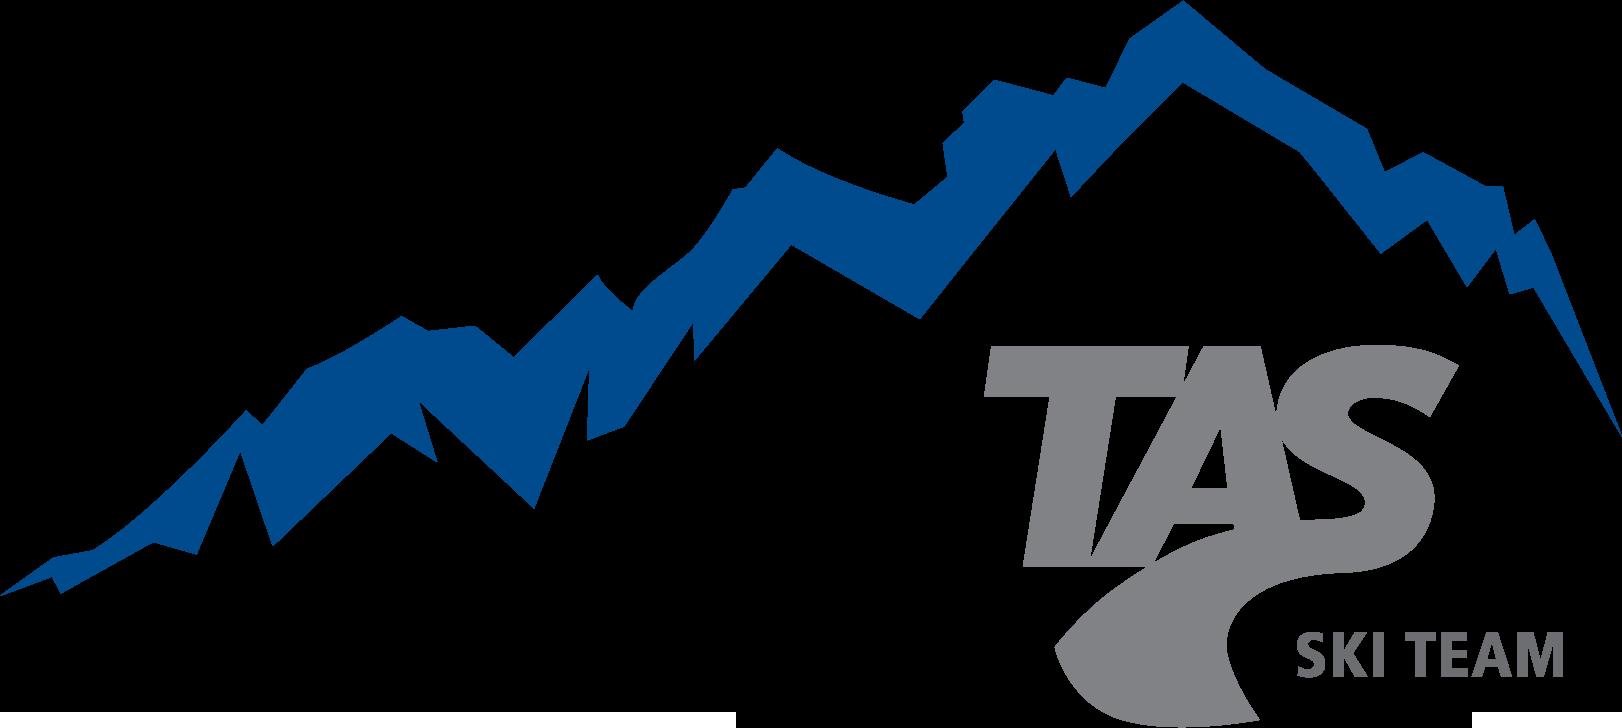 TAS Ski Team